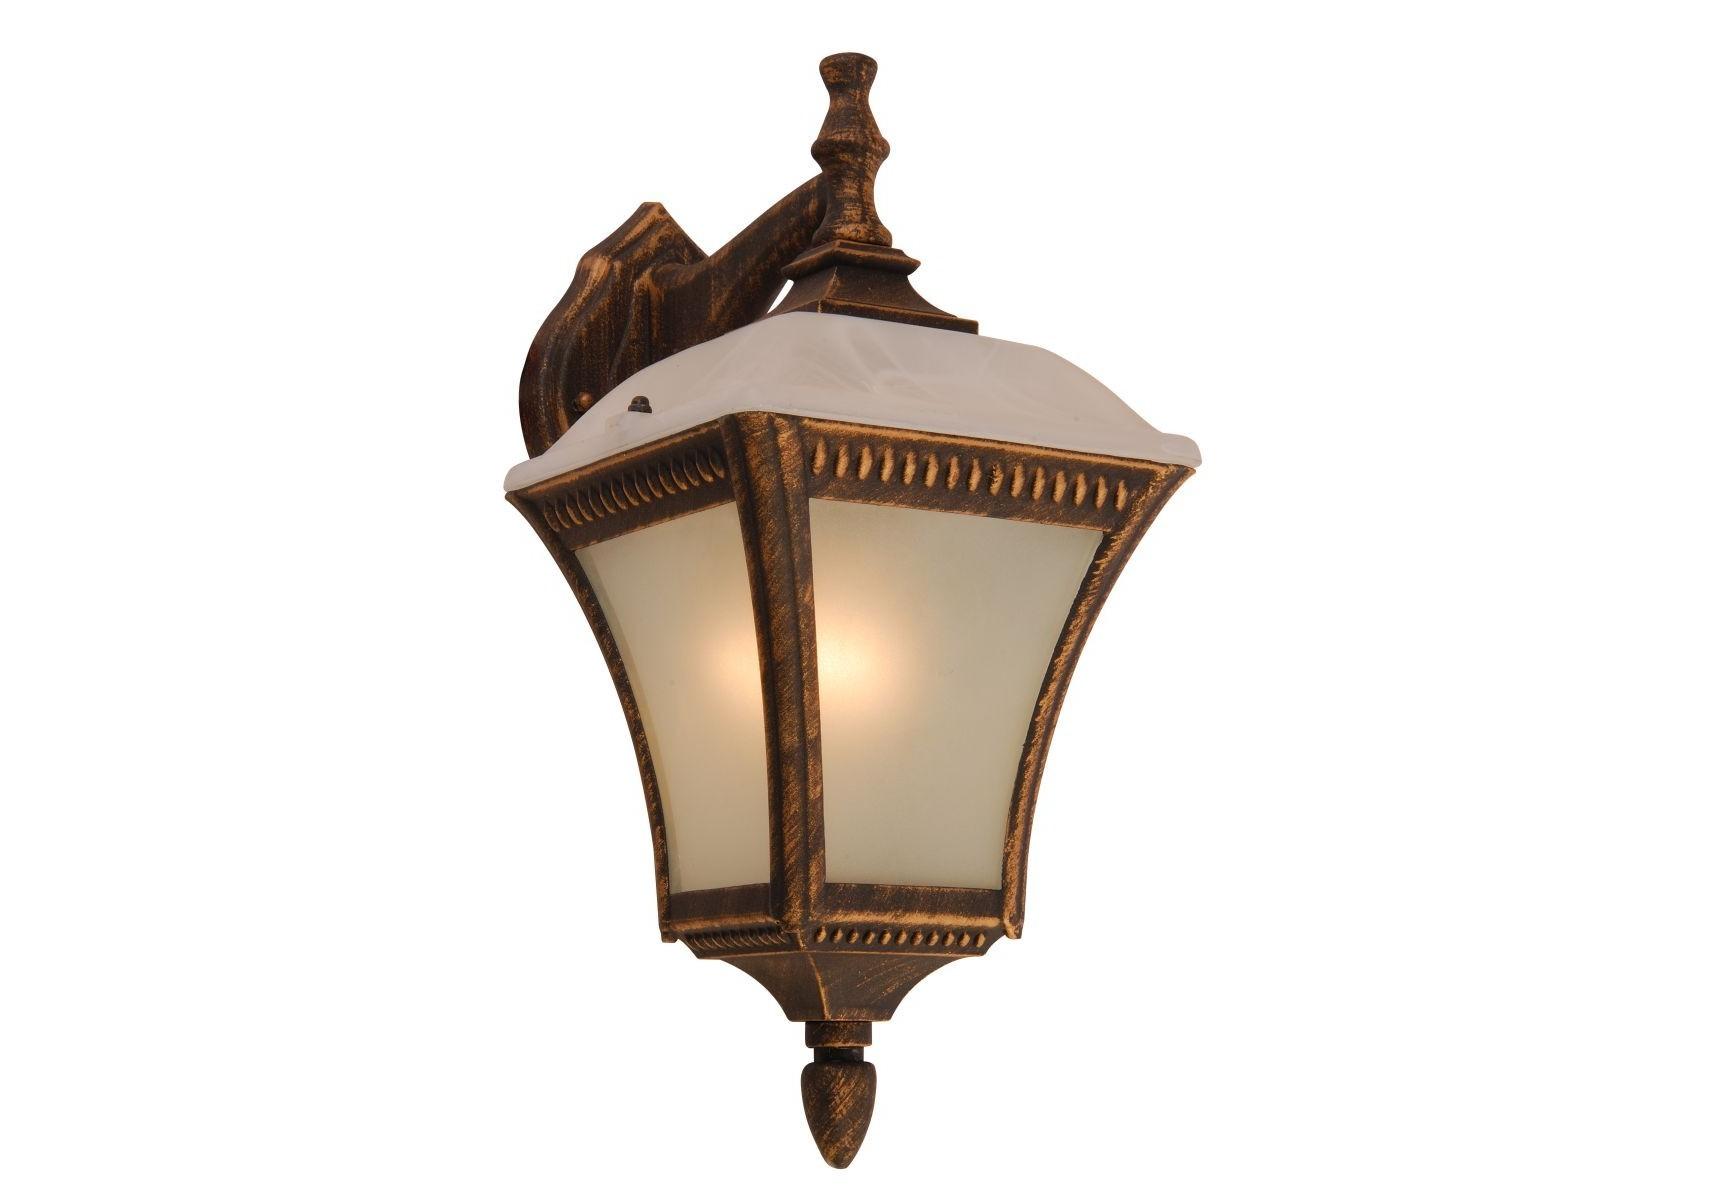 Светильник уличныйУличные настенные светильники<br>&amp;lt;div&amp;gt;Вид цоколя: Е27&amp;lt;/div&amp;gt;&amp;lt;div&amp;gt;Мощность лампы: 60W&amp;amp;nbsp;&amp;lt;/div&amp;gt;&amp;lt;div&amp;gt;Количество ламп: 1&amp;lt;/div&amp;gt;<br><br>Material: Алюминий<br>Width см: 18,5<br>Depth см: 25<br>Height см: 39,5